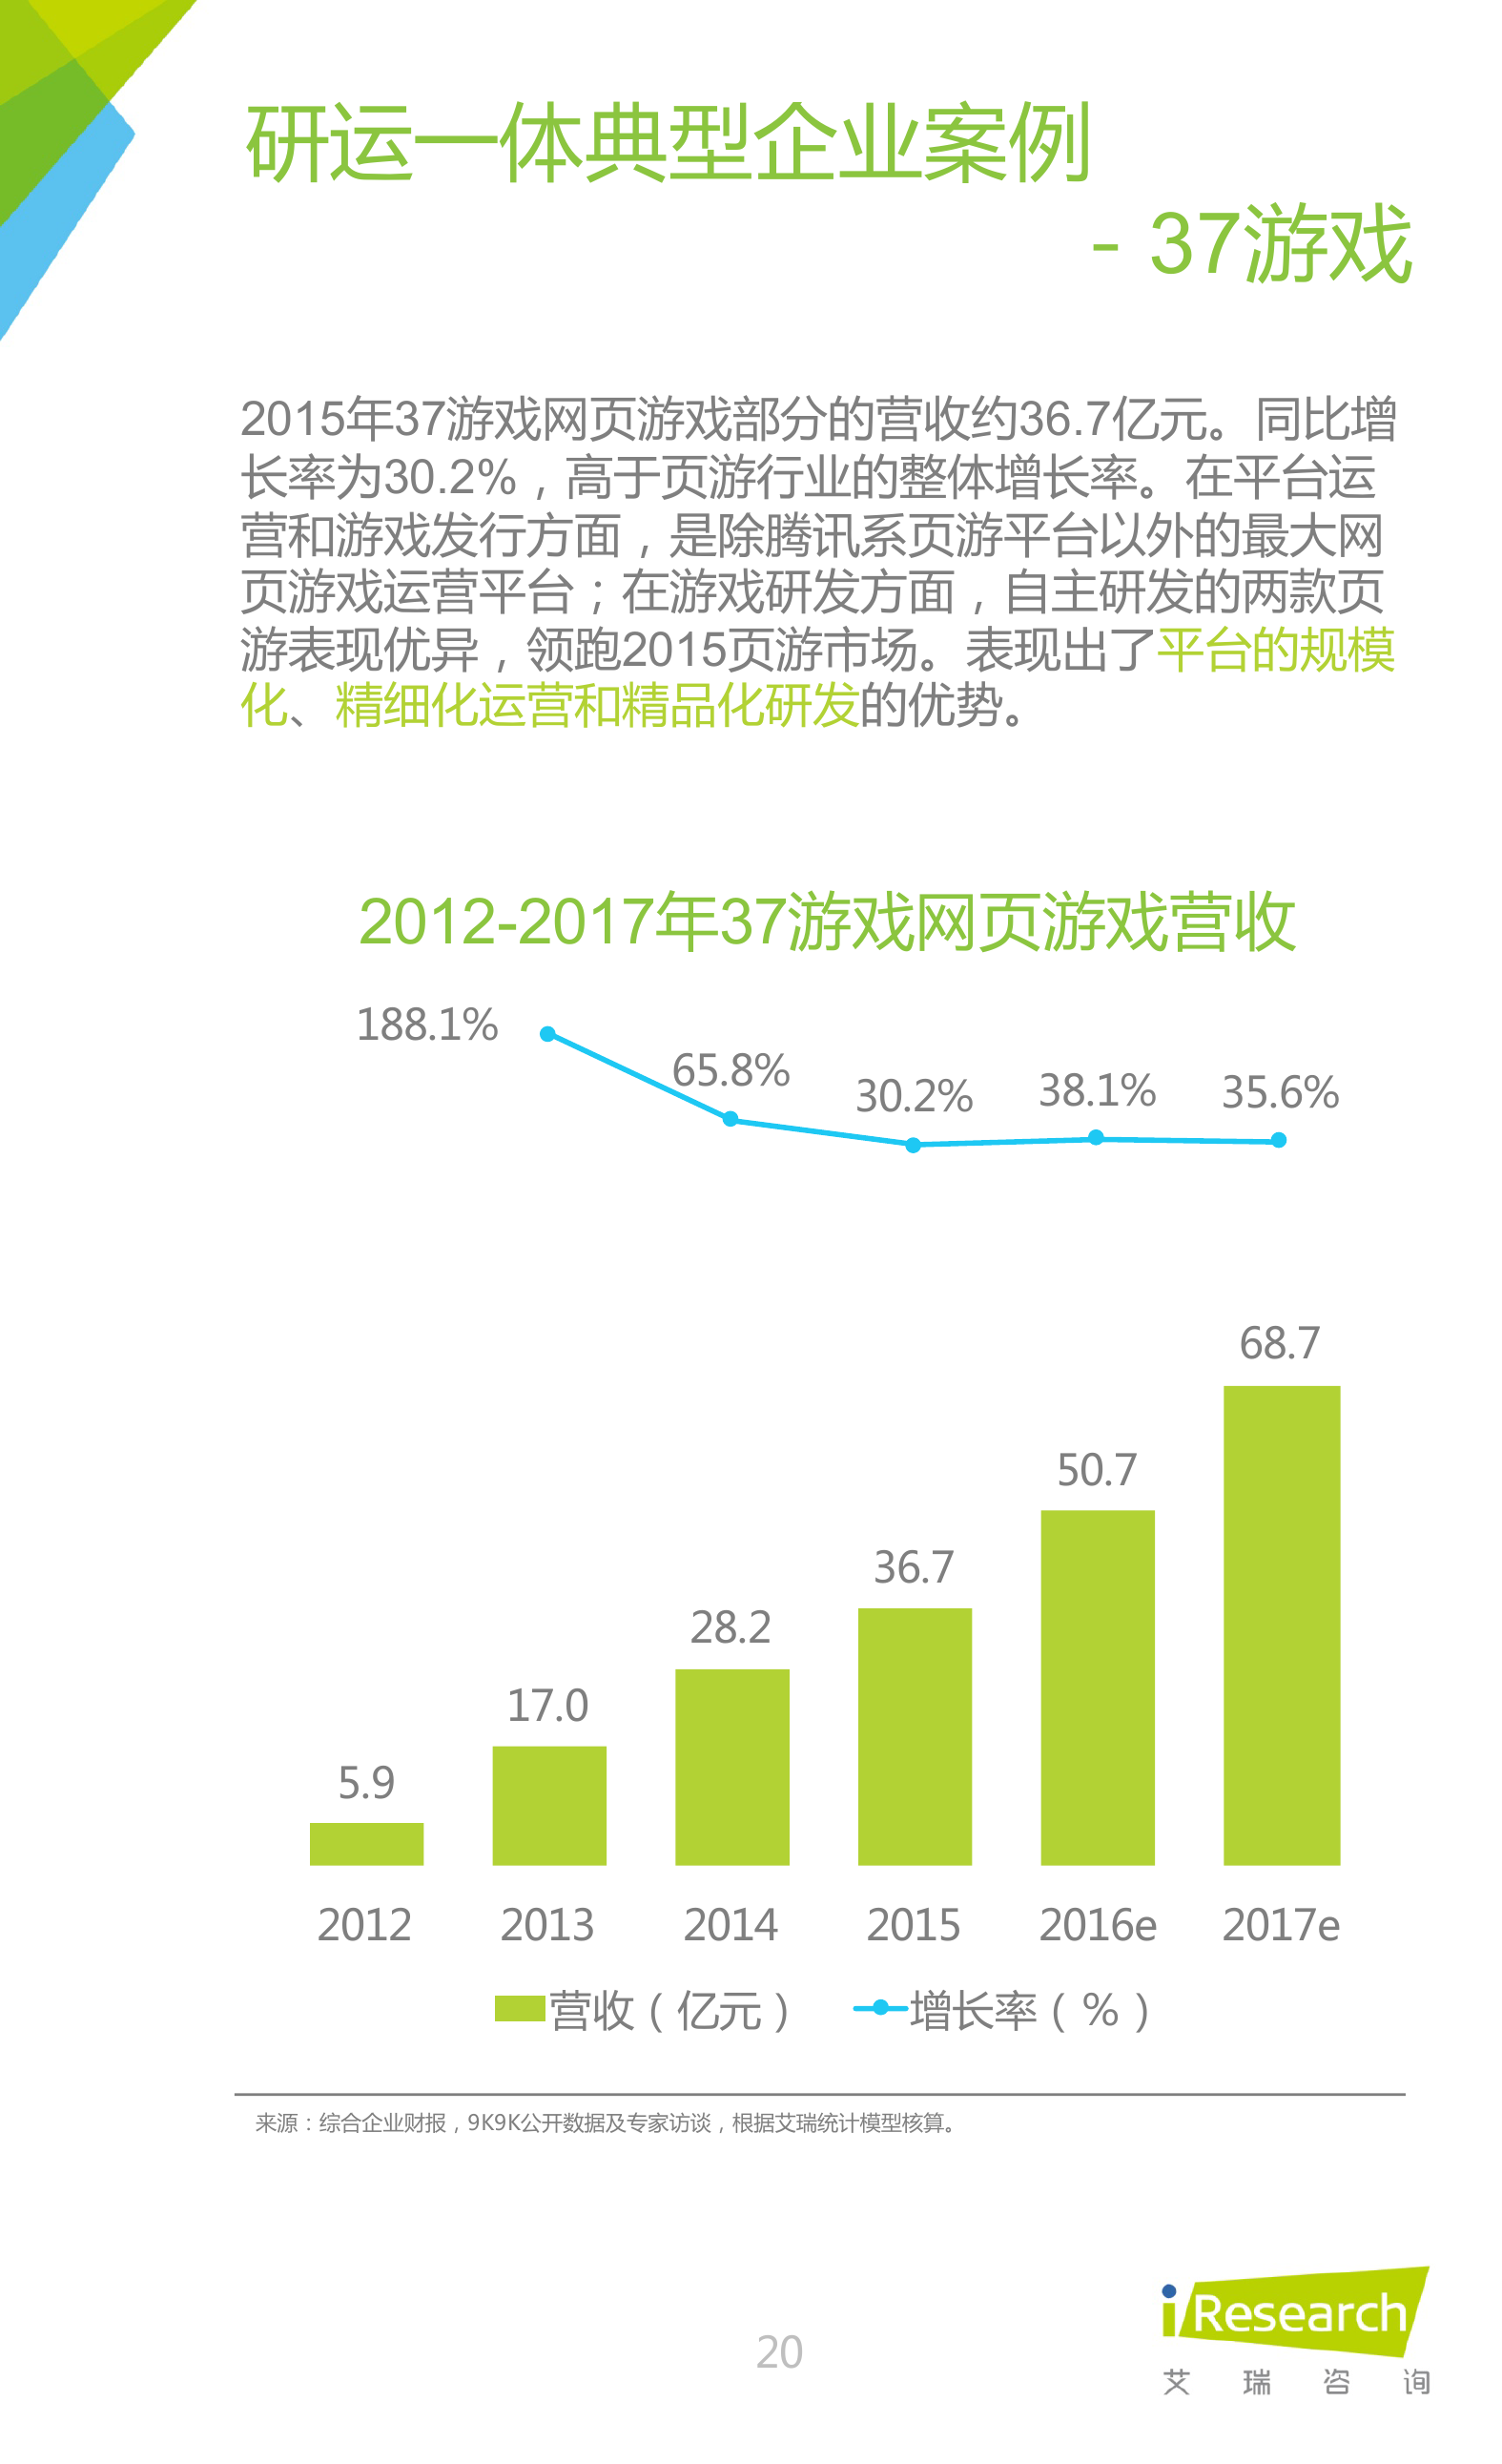 2016年中国网页游戏行业研究报告_000020